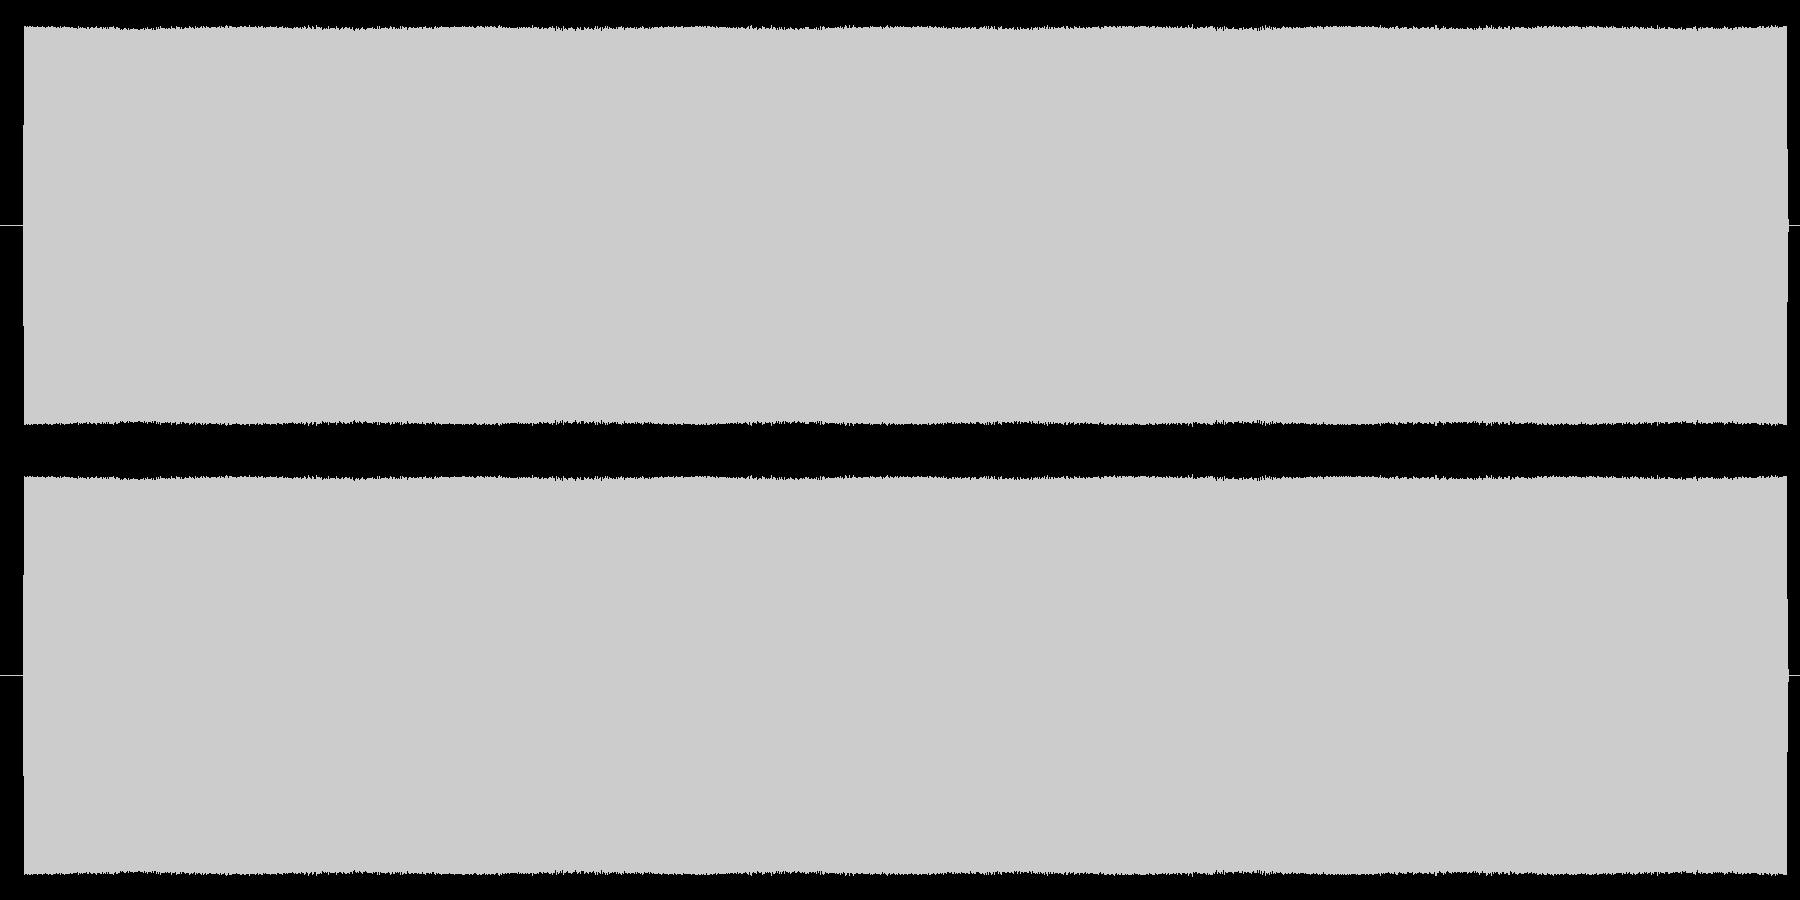 【アーケード 汎用01-13(LFO)】の未再生の波形